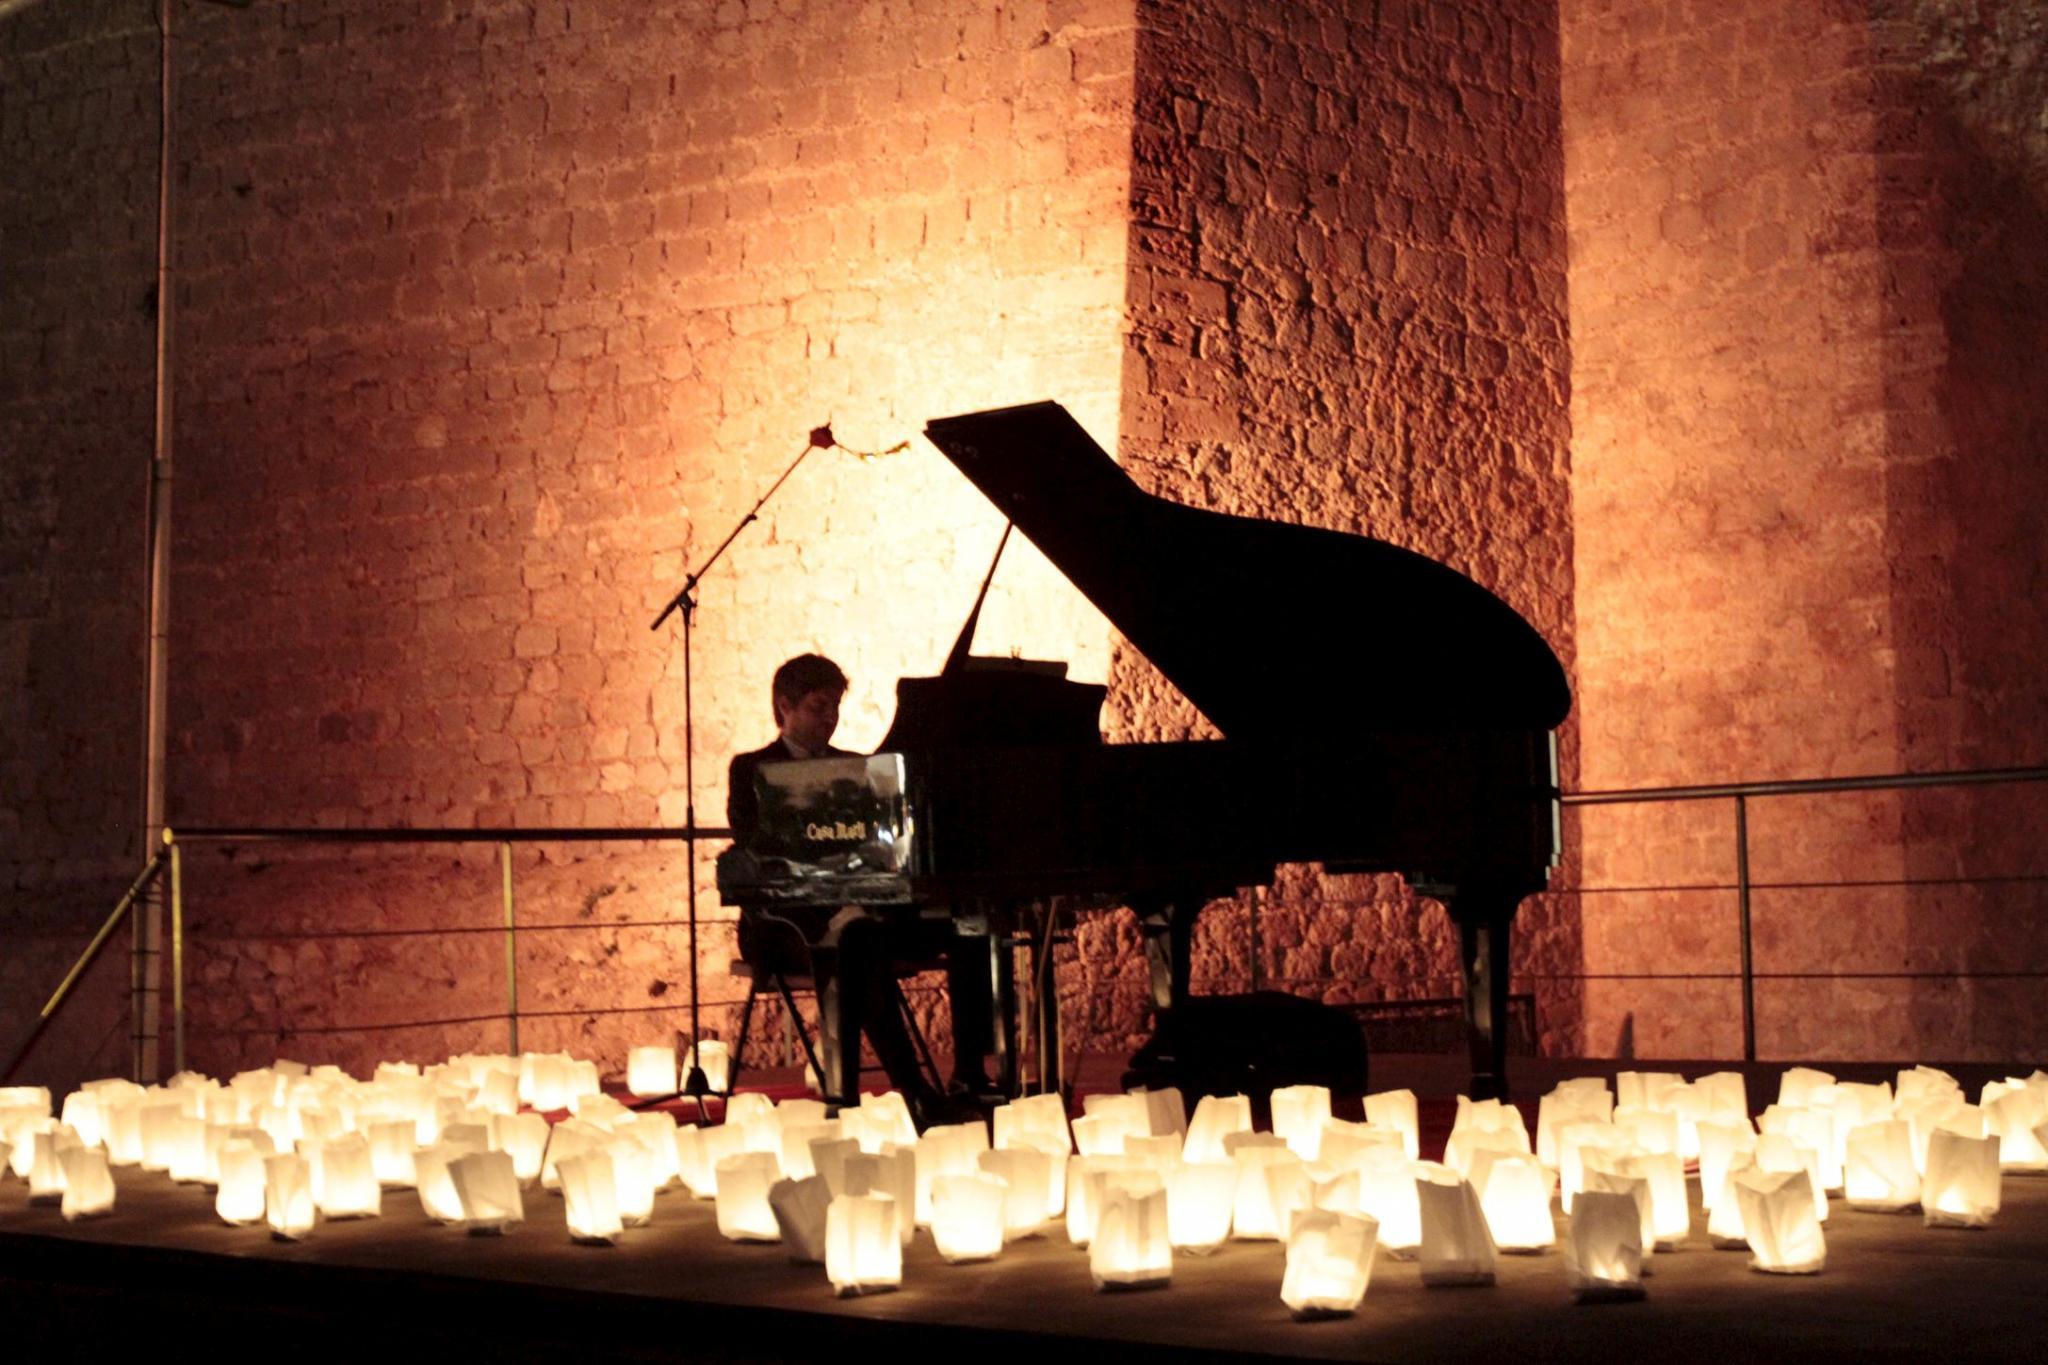 EIVISSA. MUSICA. David Gómez ofreció ayer un recital de piano en el baluarte de Sant Pere